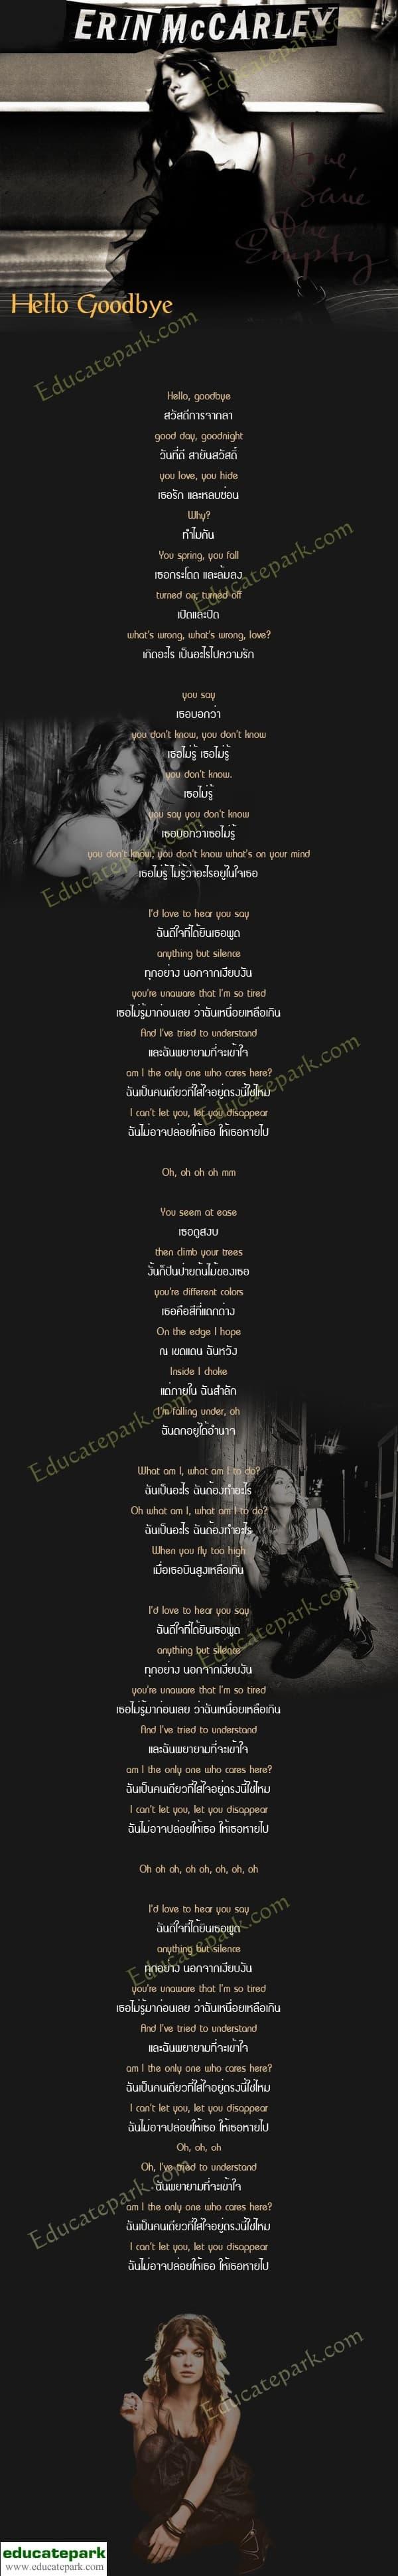 แปลเพลง Hello Goodbye - Erin McCarlery